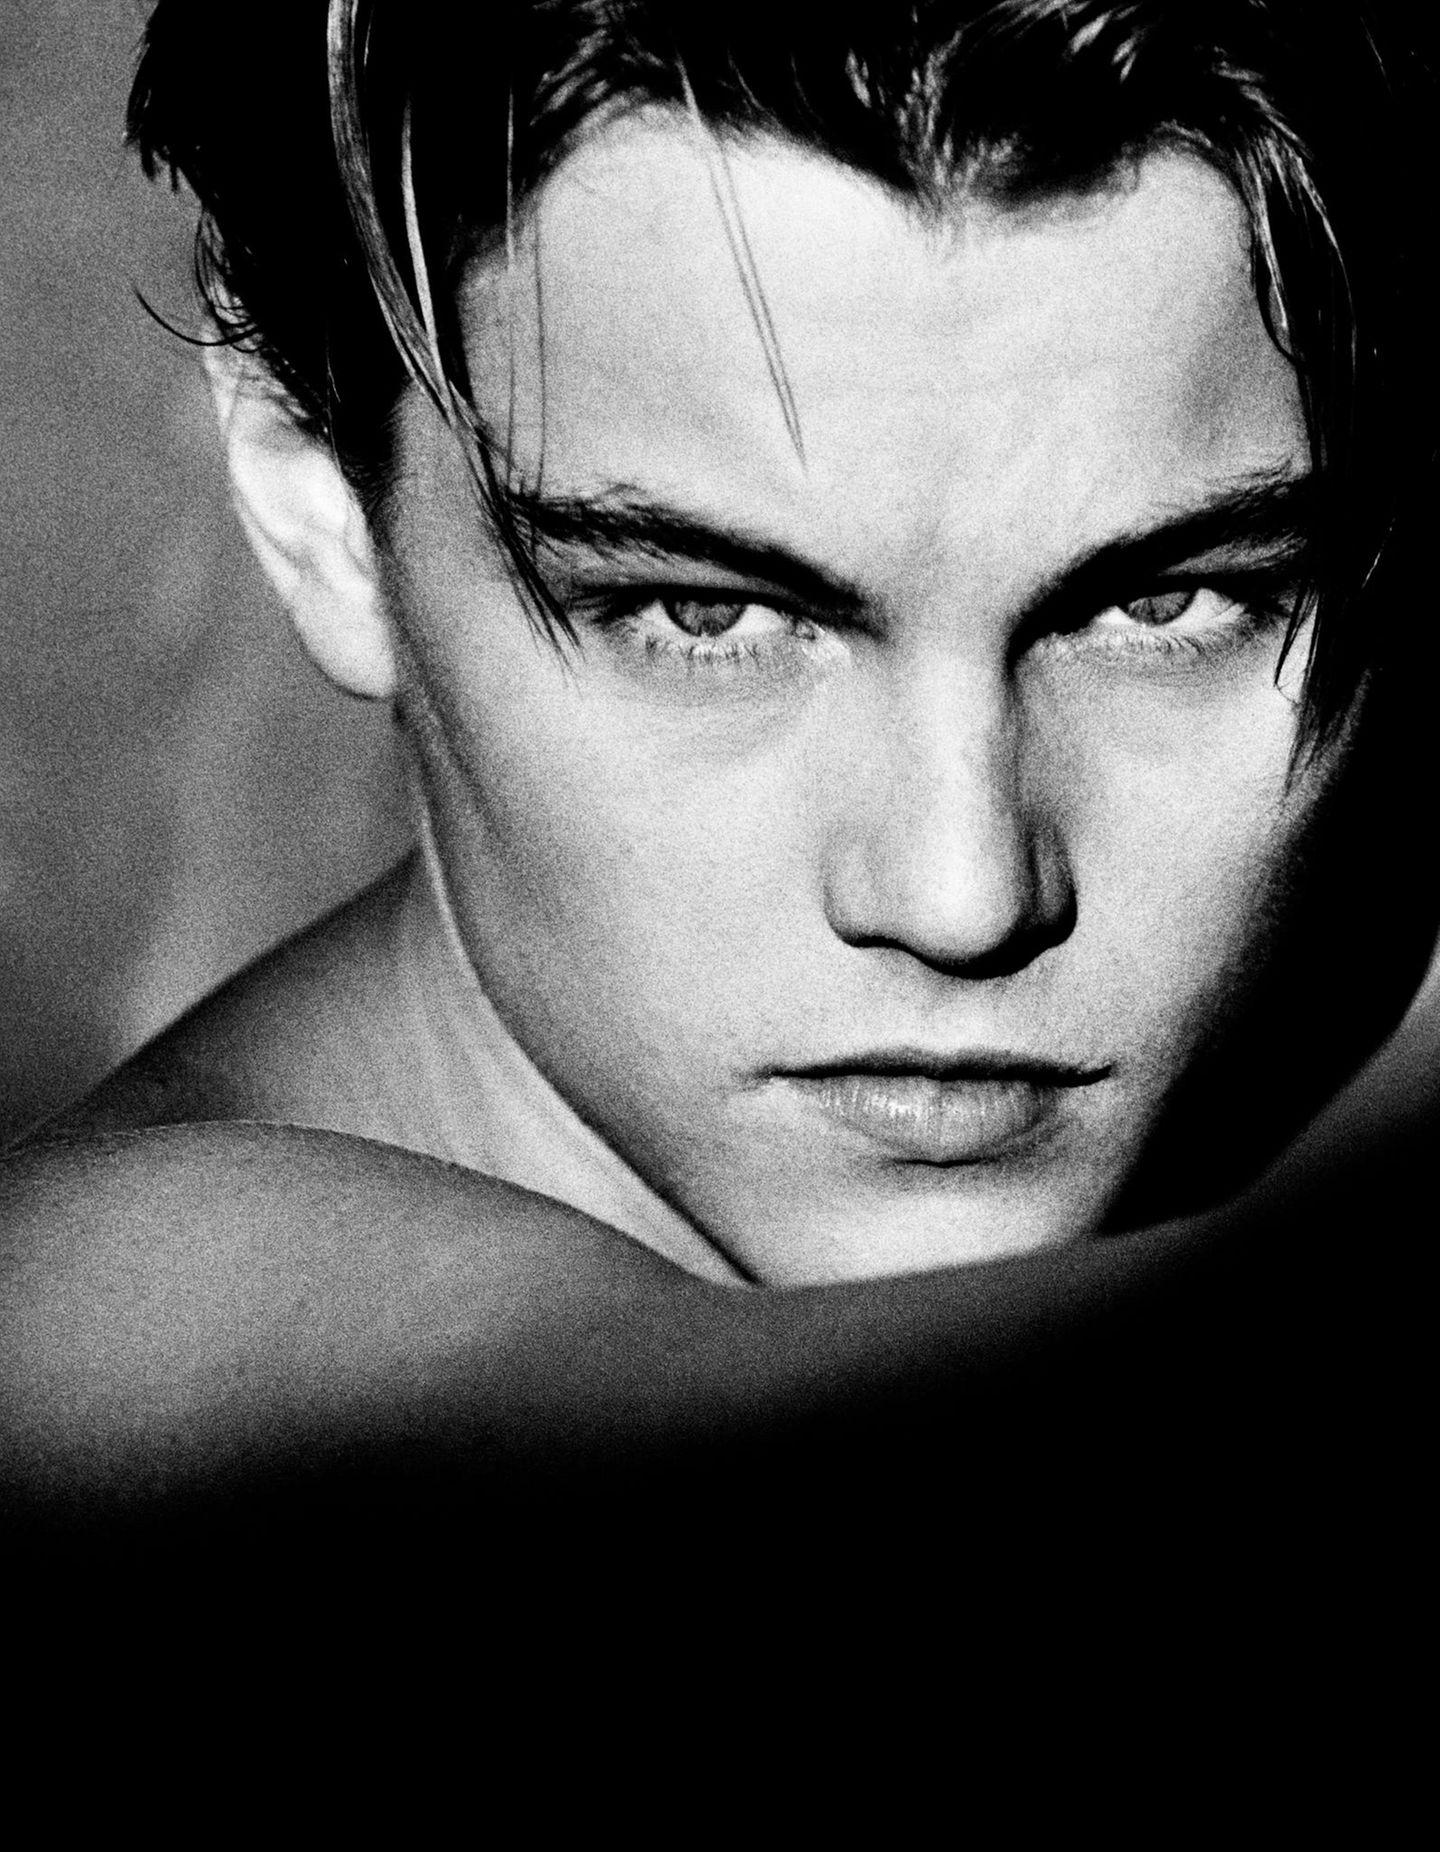 """1994 fotografierte Greg Gorman einen damals gerade 19-jährigen Schauspieler namens Leonardo DiCaprio. Der wird kurz darauf mit Filmen wie """"Romeo + Julia"""" und """"Titanic"""" zum Weltstar. Gorman inszenierte ihn als jugendlichen Posterboy, der in seinem entschlossenen Blick andeutet, dass er noch Großes vorhat.  Der Fotograf Greg Gorman wurde1949 in Kansas geboren. Seine Porträts von Hollywood-Stars machten ihn berühmt. ZahlreicheMagazine druckten seine Bilder, darunter""""Life"""", """"Esquire"""", """"GQ"""", """"Vogue"""", """"Rolling Stone"""", """"Time"""" und """"Vanity Fair""""."""